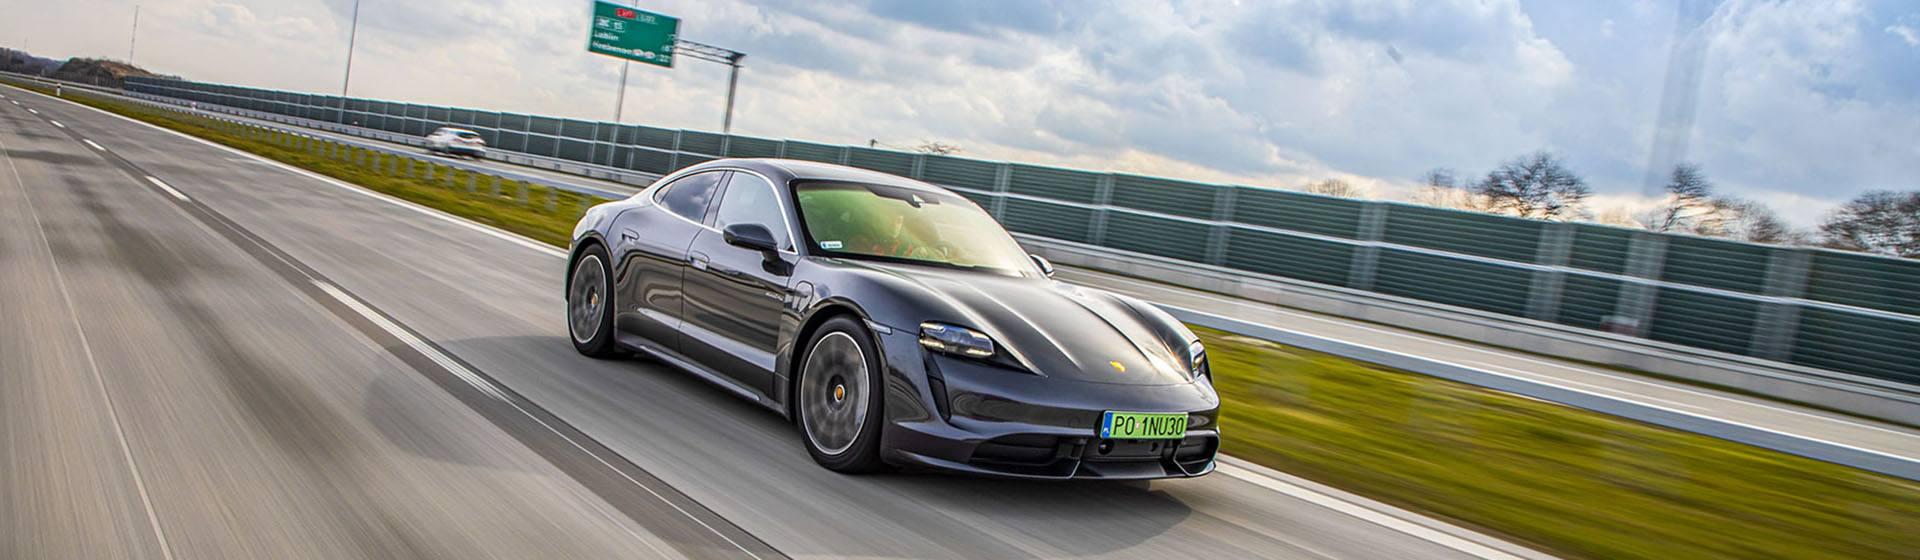 Przód Porsche Taycan – Test Porsche Taycan Turbo